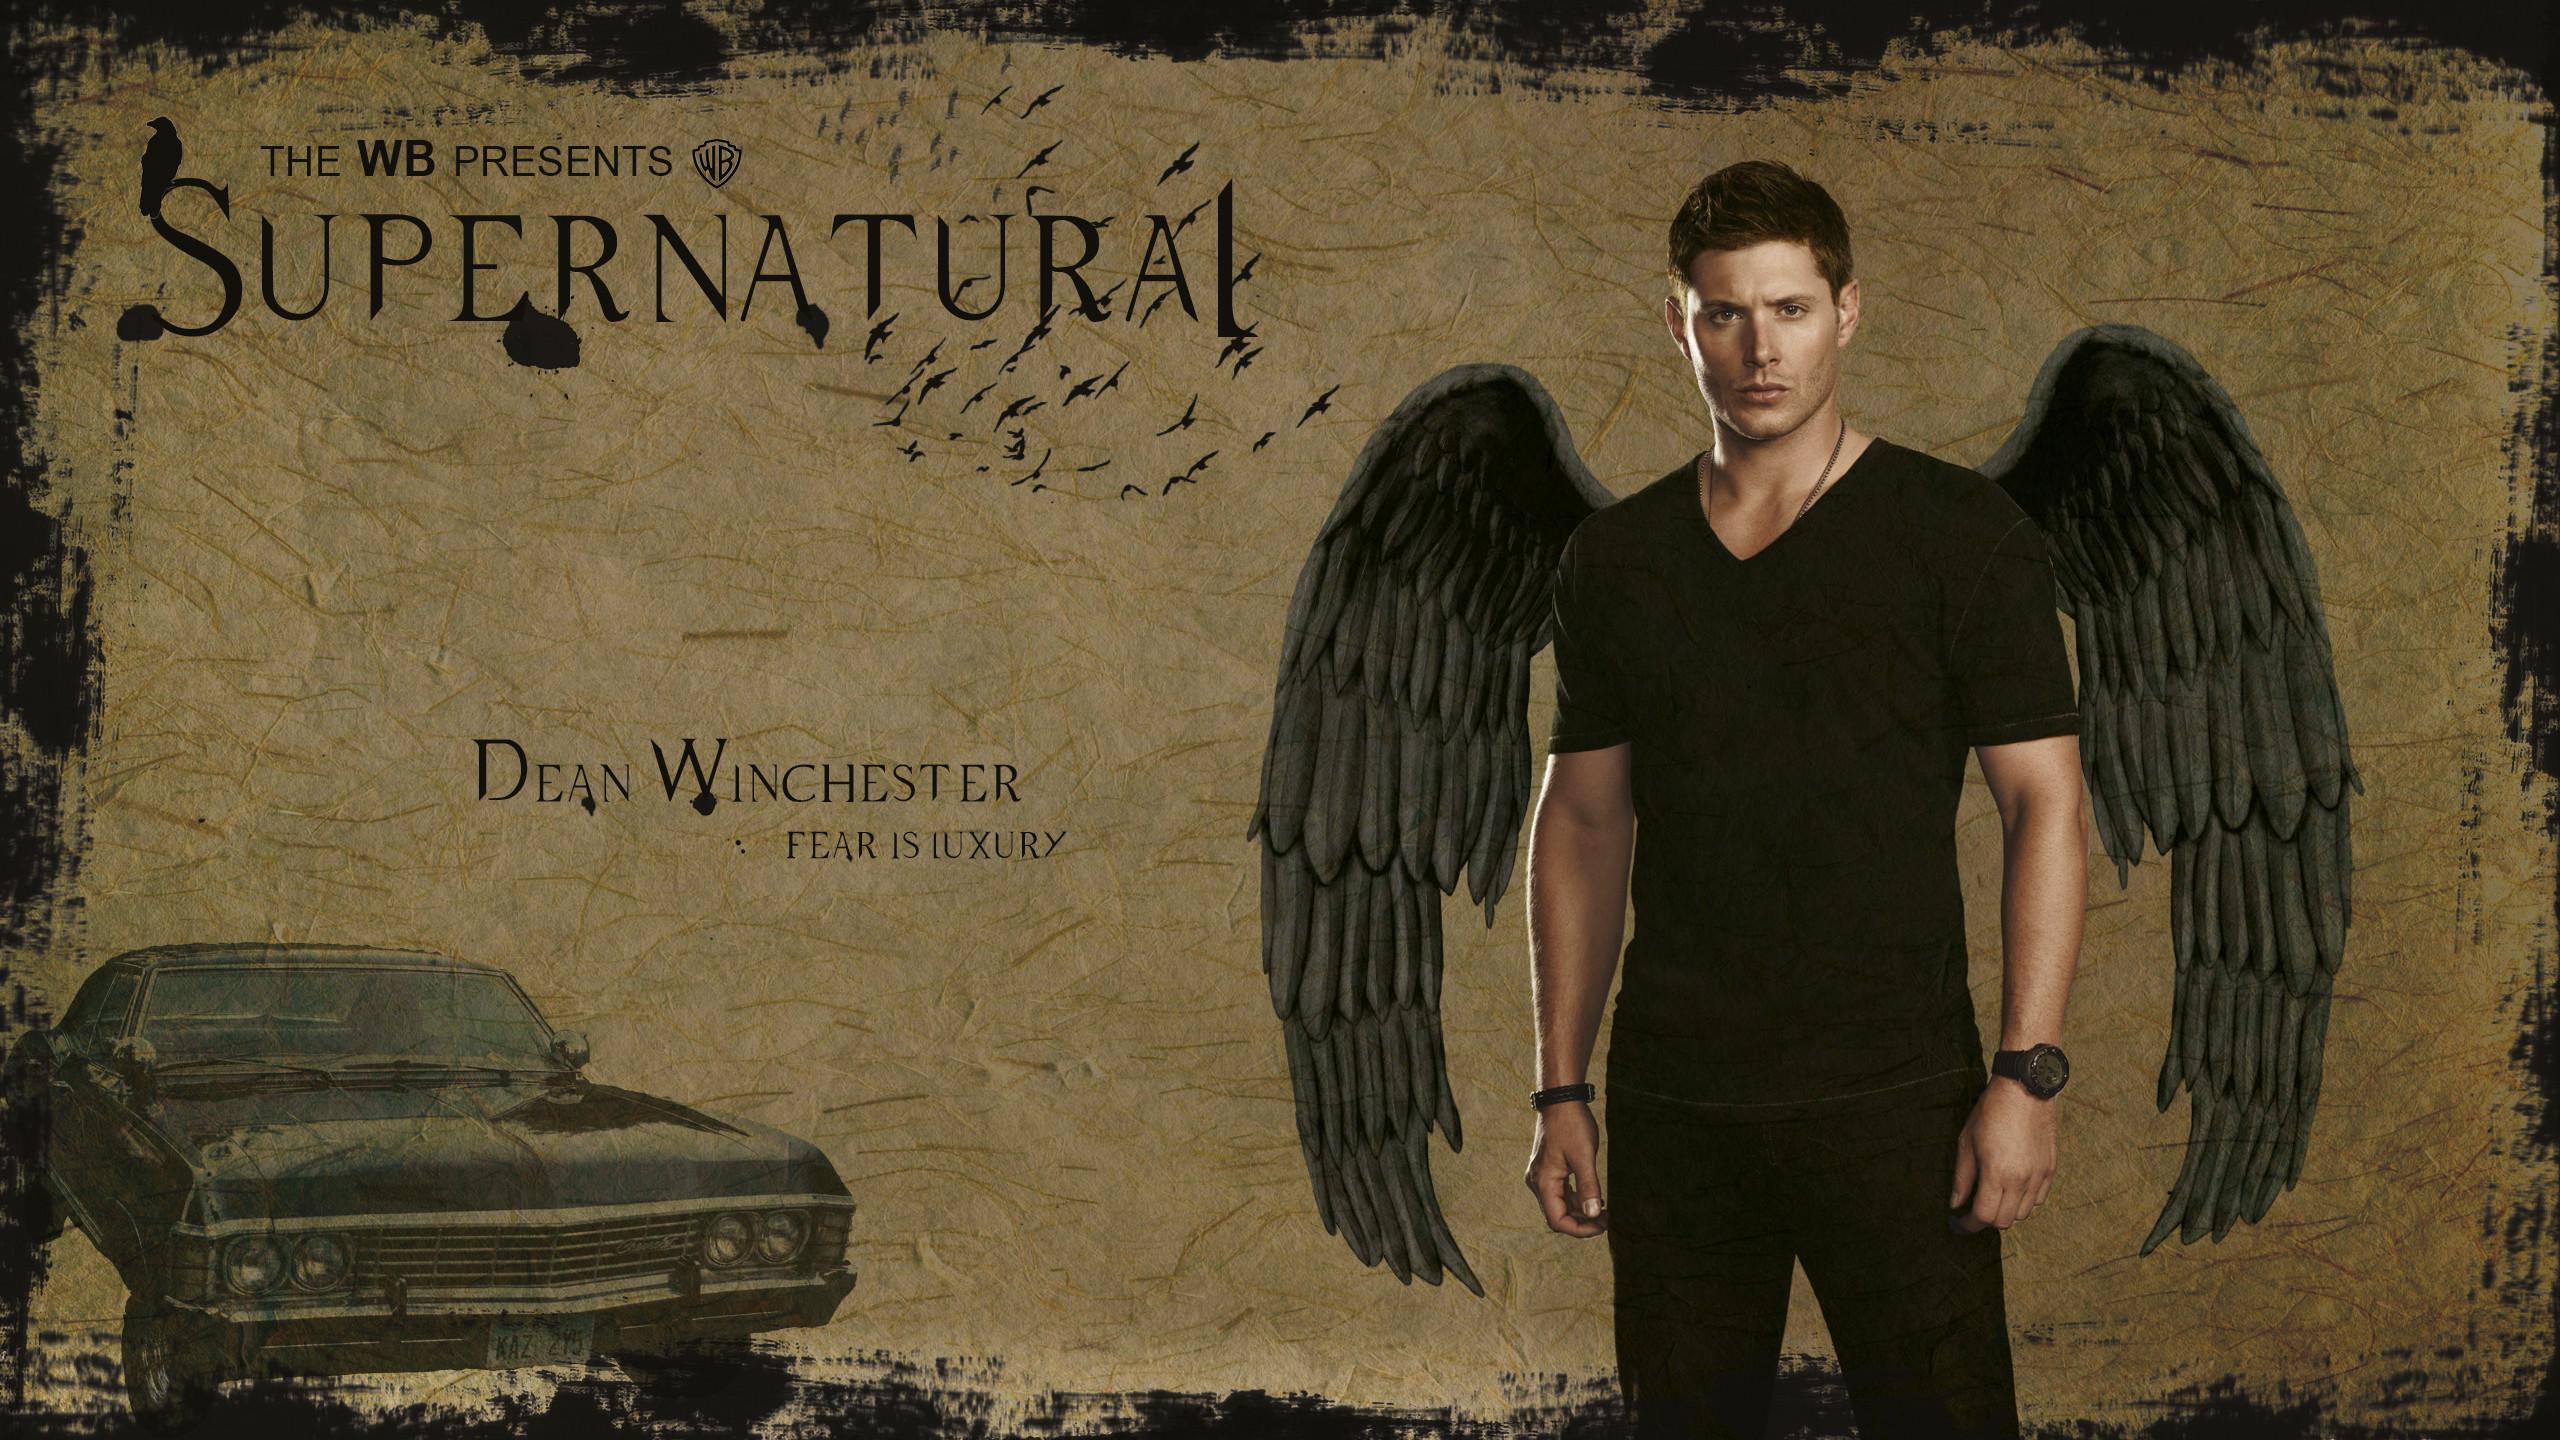 Supernatural Wallpaper by BeAware8 Supernatural Wallpaper by BeAware8